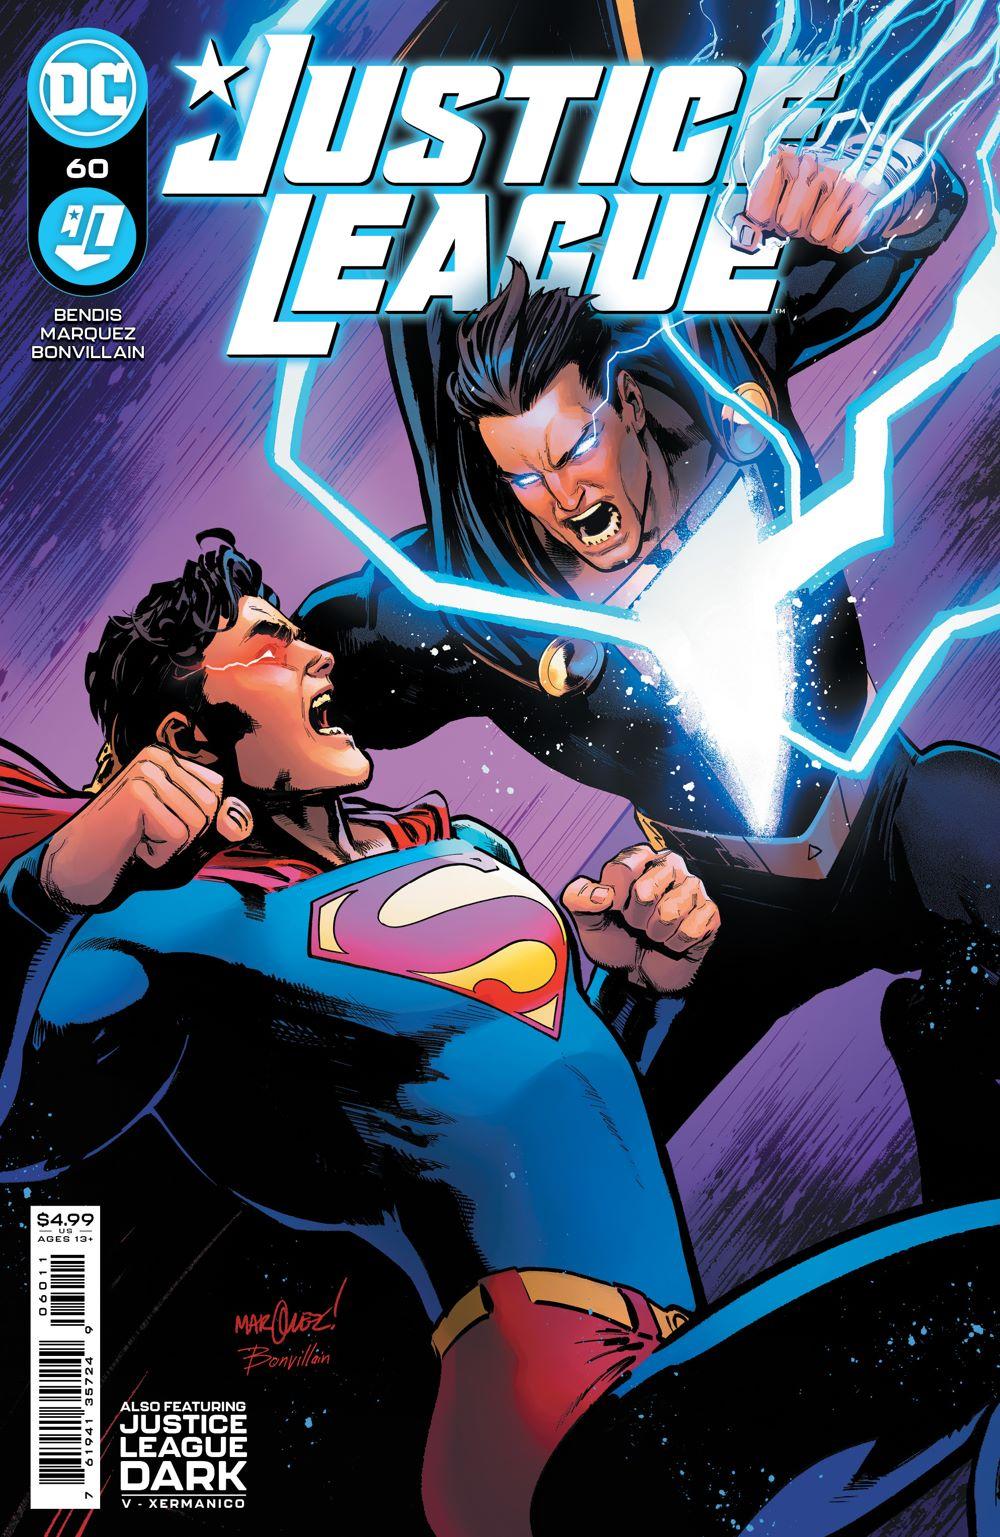 JUSTICELEAGUE_Cv60 DC Comics April 2021 Solicitations